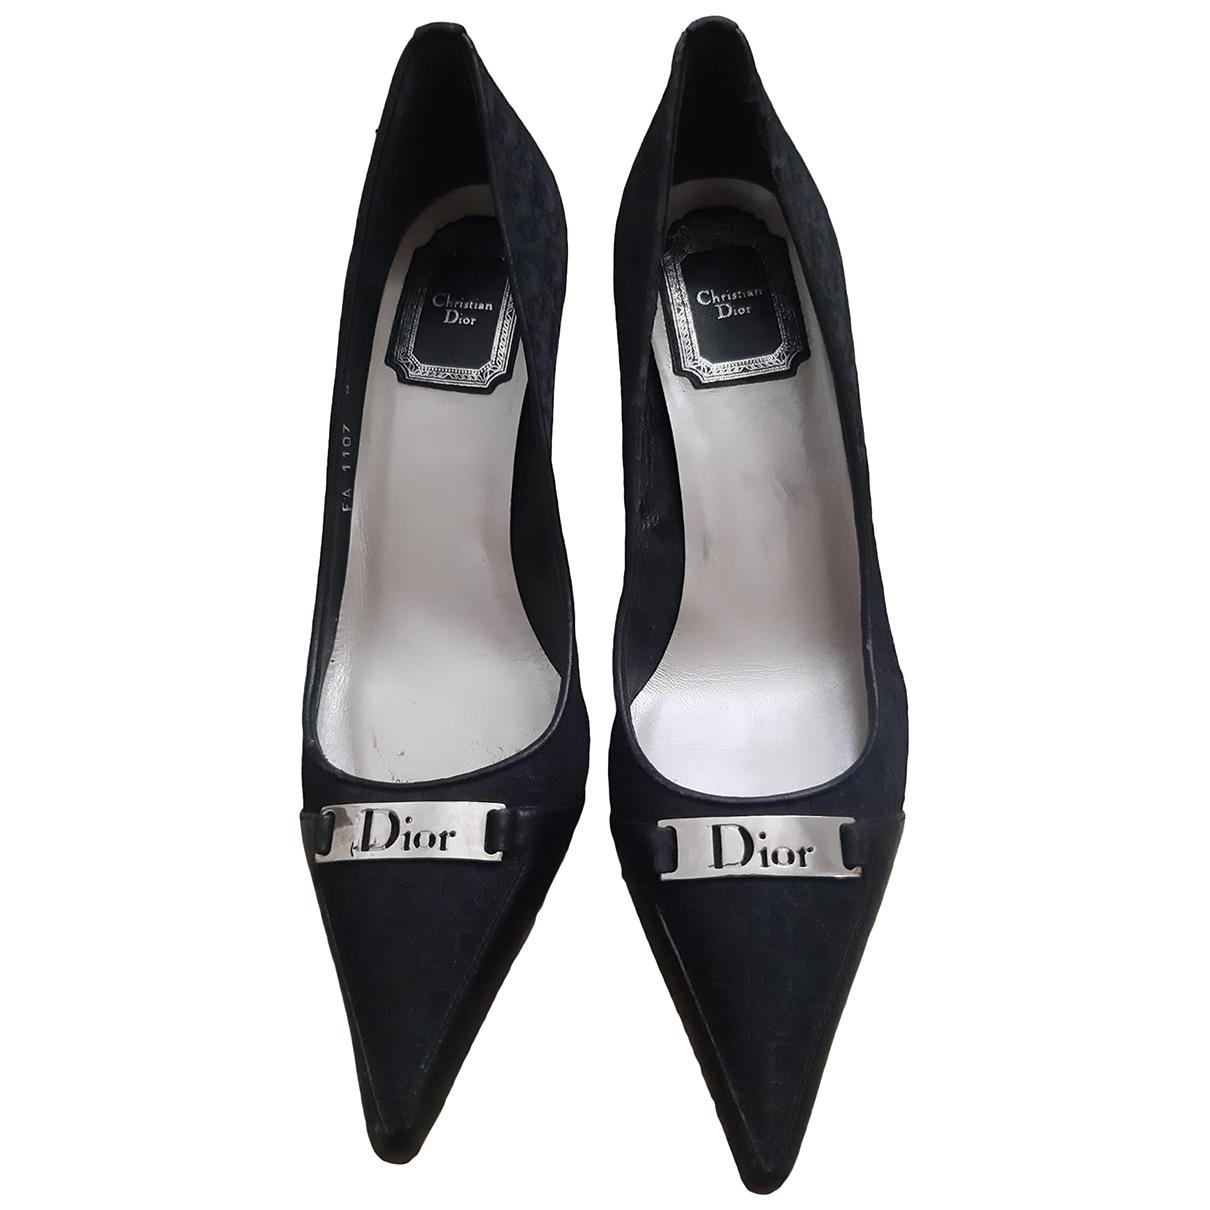 Tacones de Lona Dior